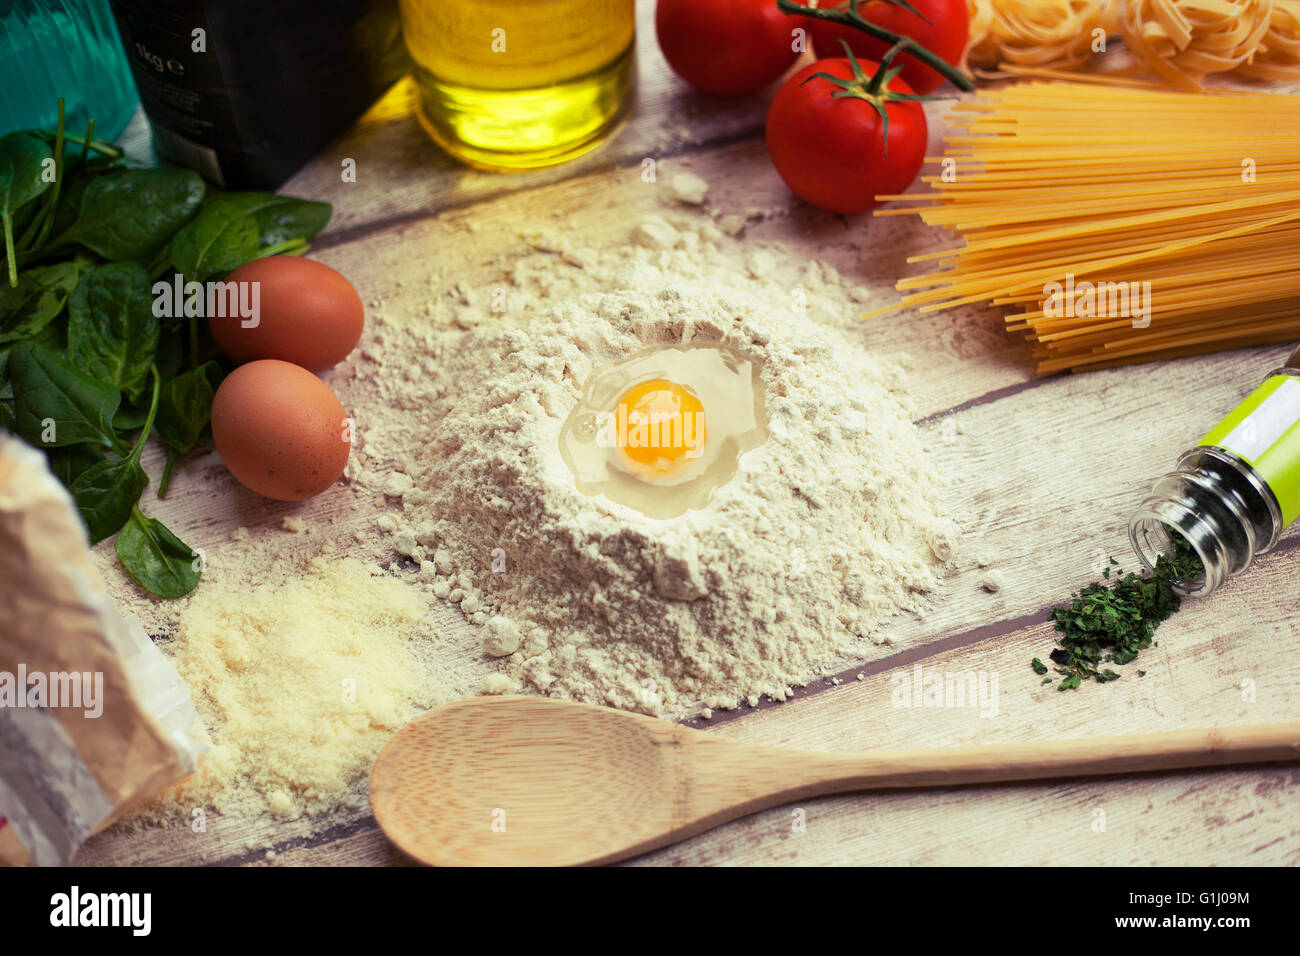 La preparación de la comida italiana tradicional casera Imagen De Stock